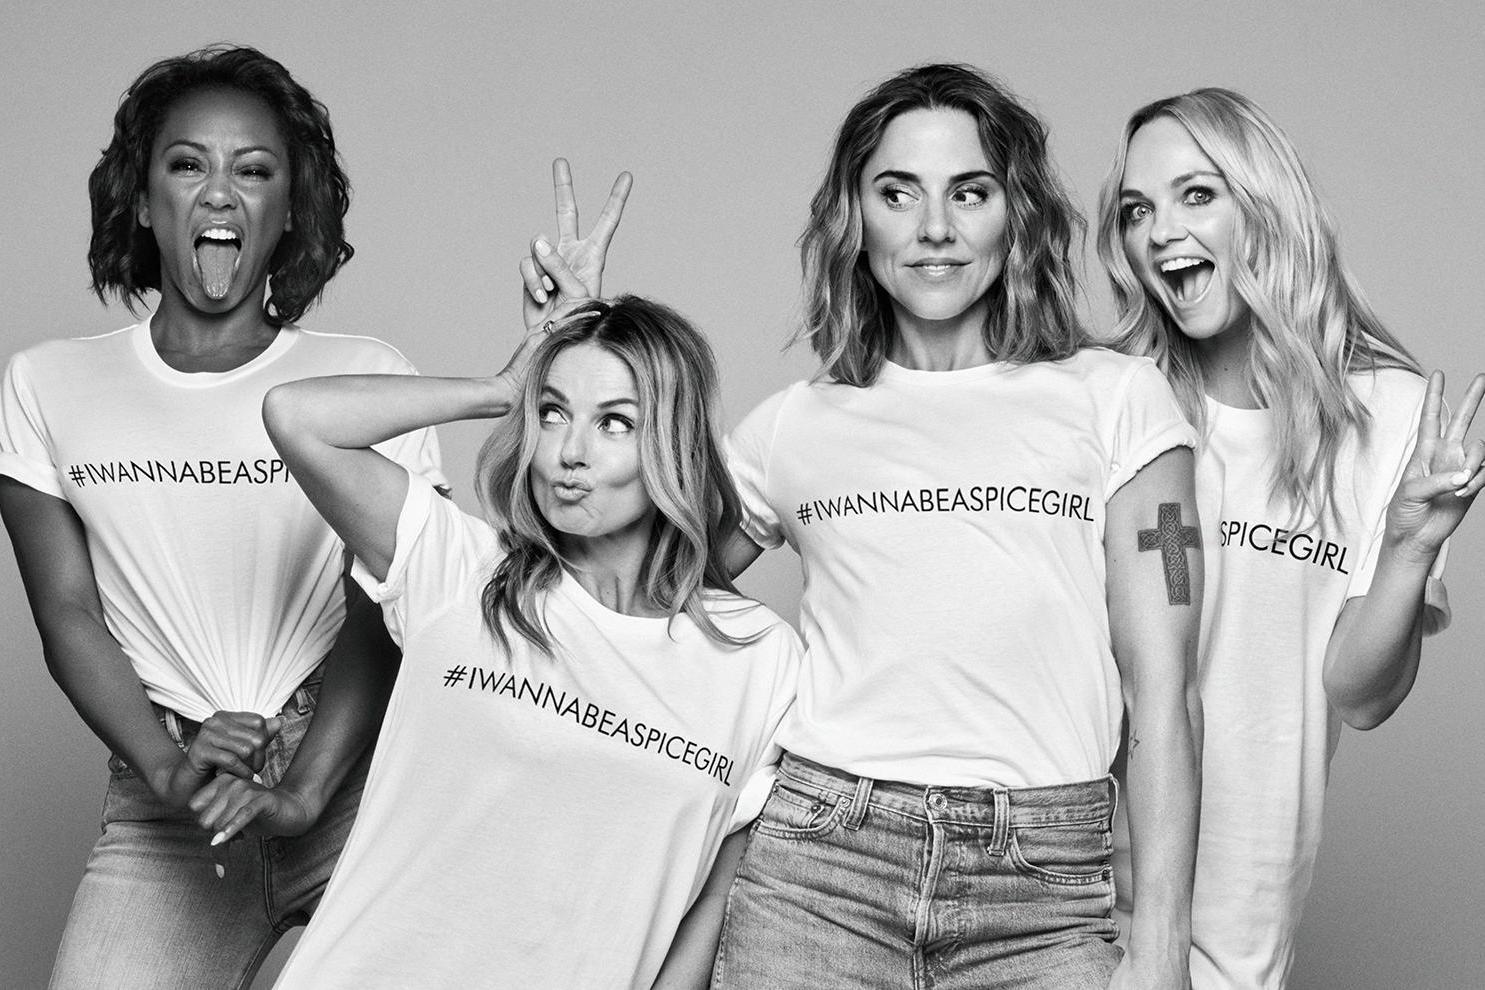 e3f4f3b857a News · Spice Girls T-shirts ...